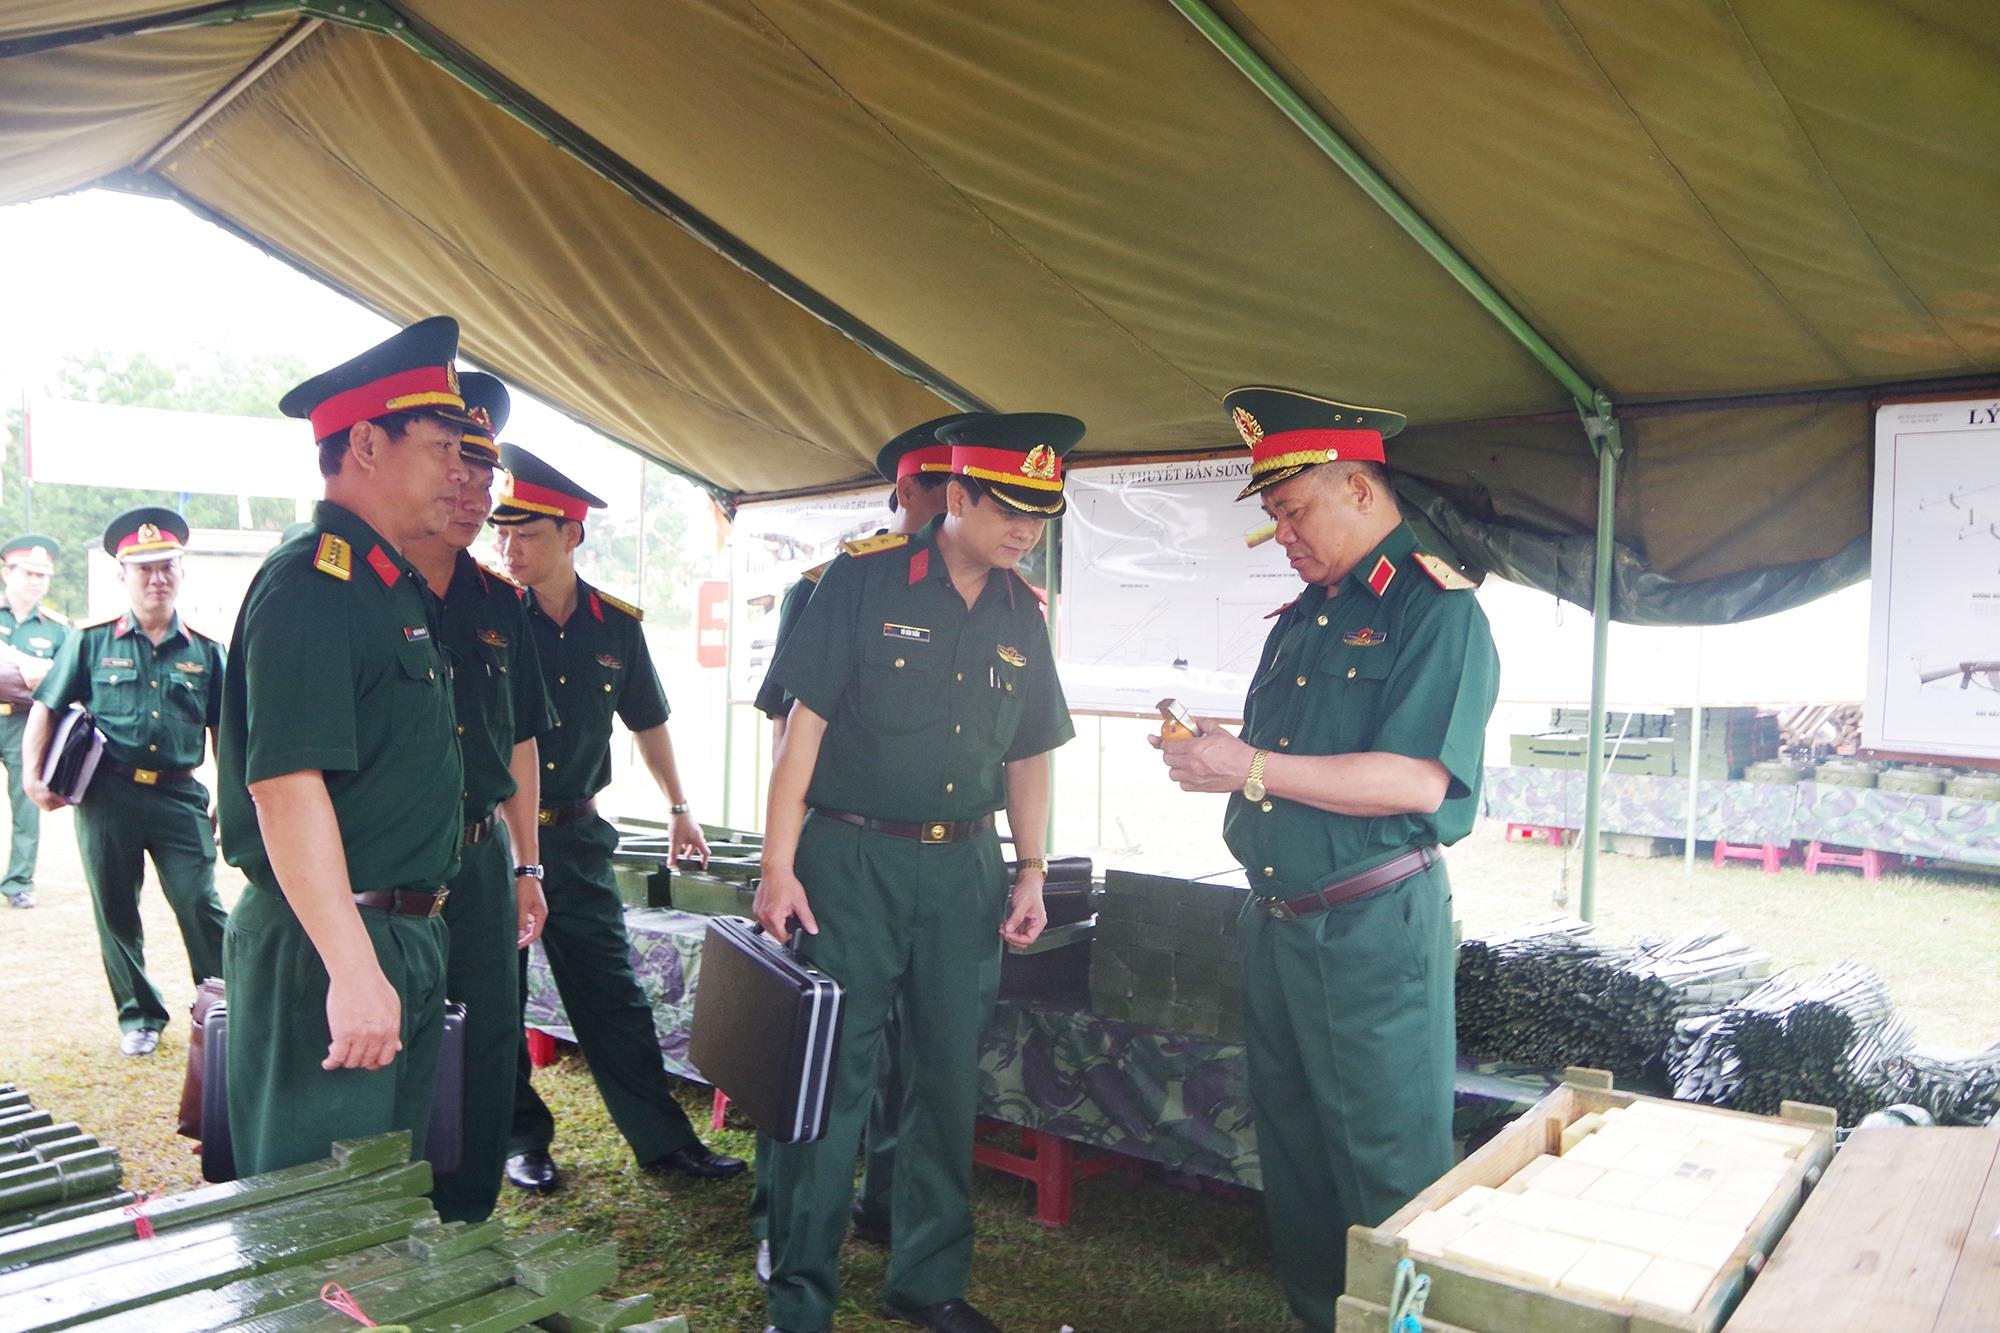 Trung tướng Nguyễn Long Cáng, Tư lệnh Quân khu 5 kiểm tra mô hình học cụ phục vụ huấn luyện năm 2020.